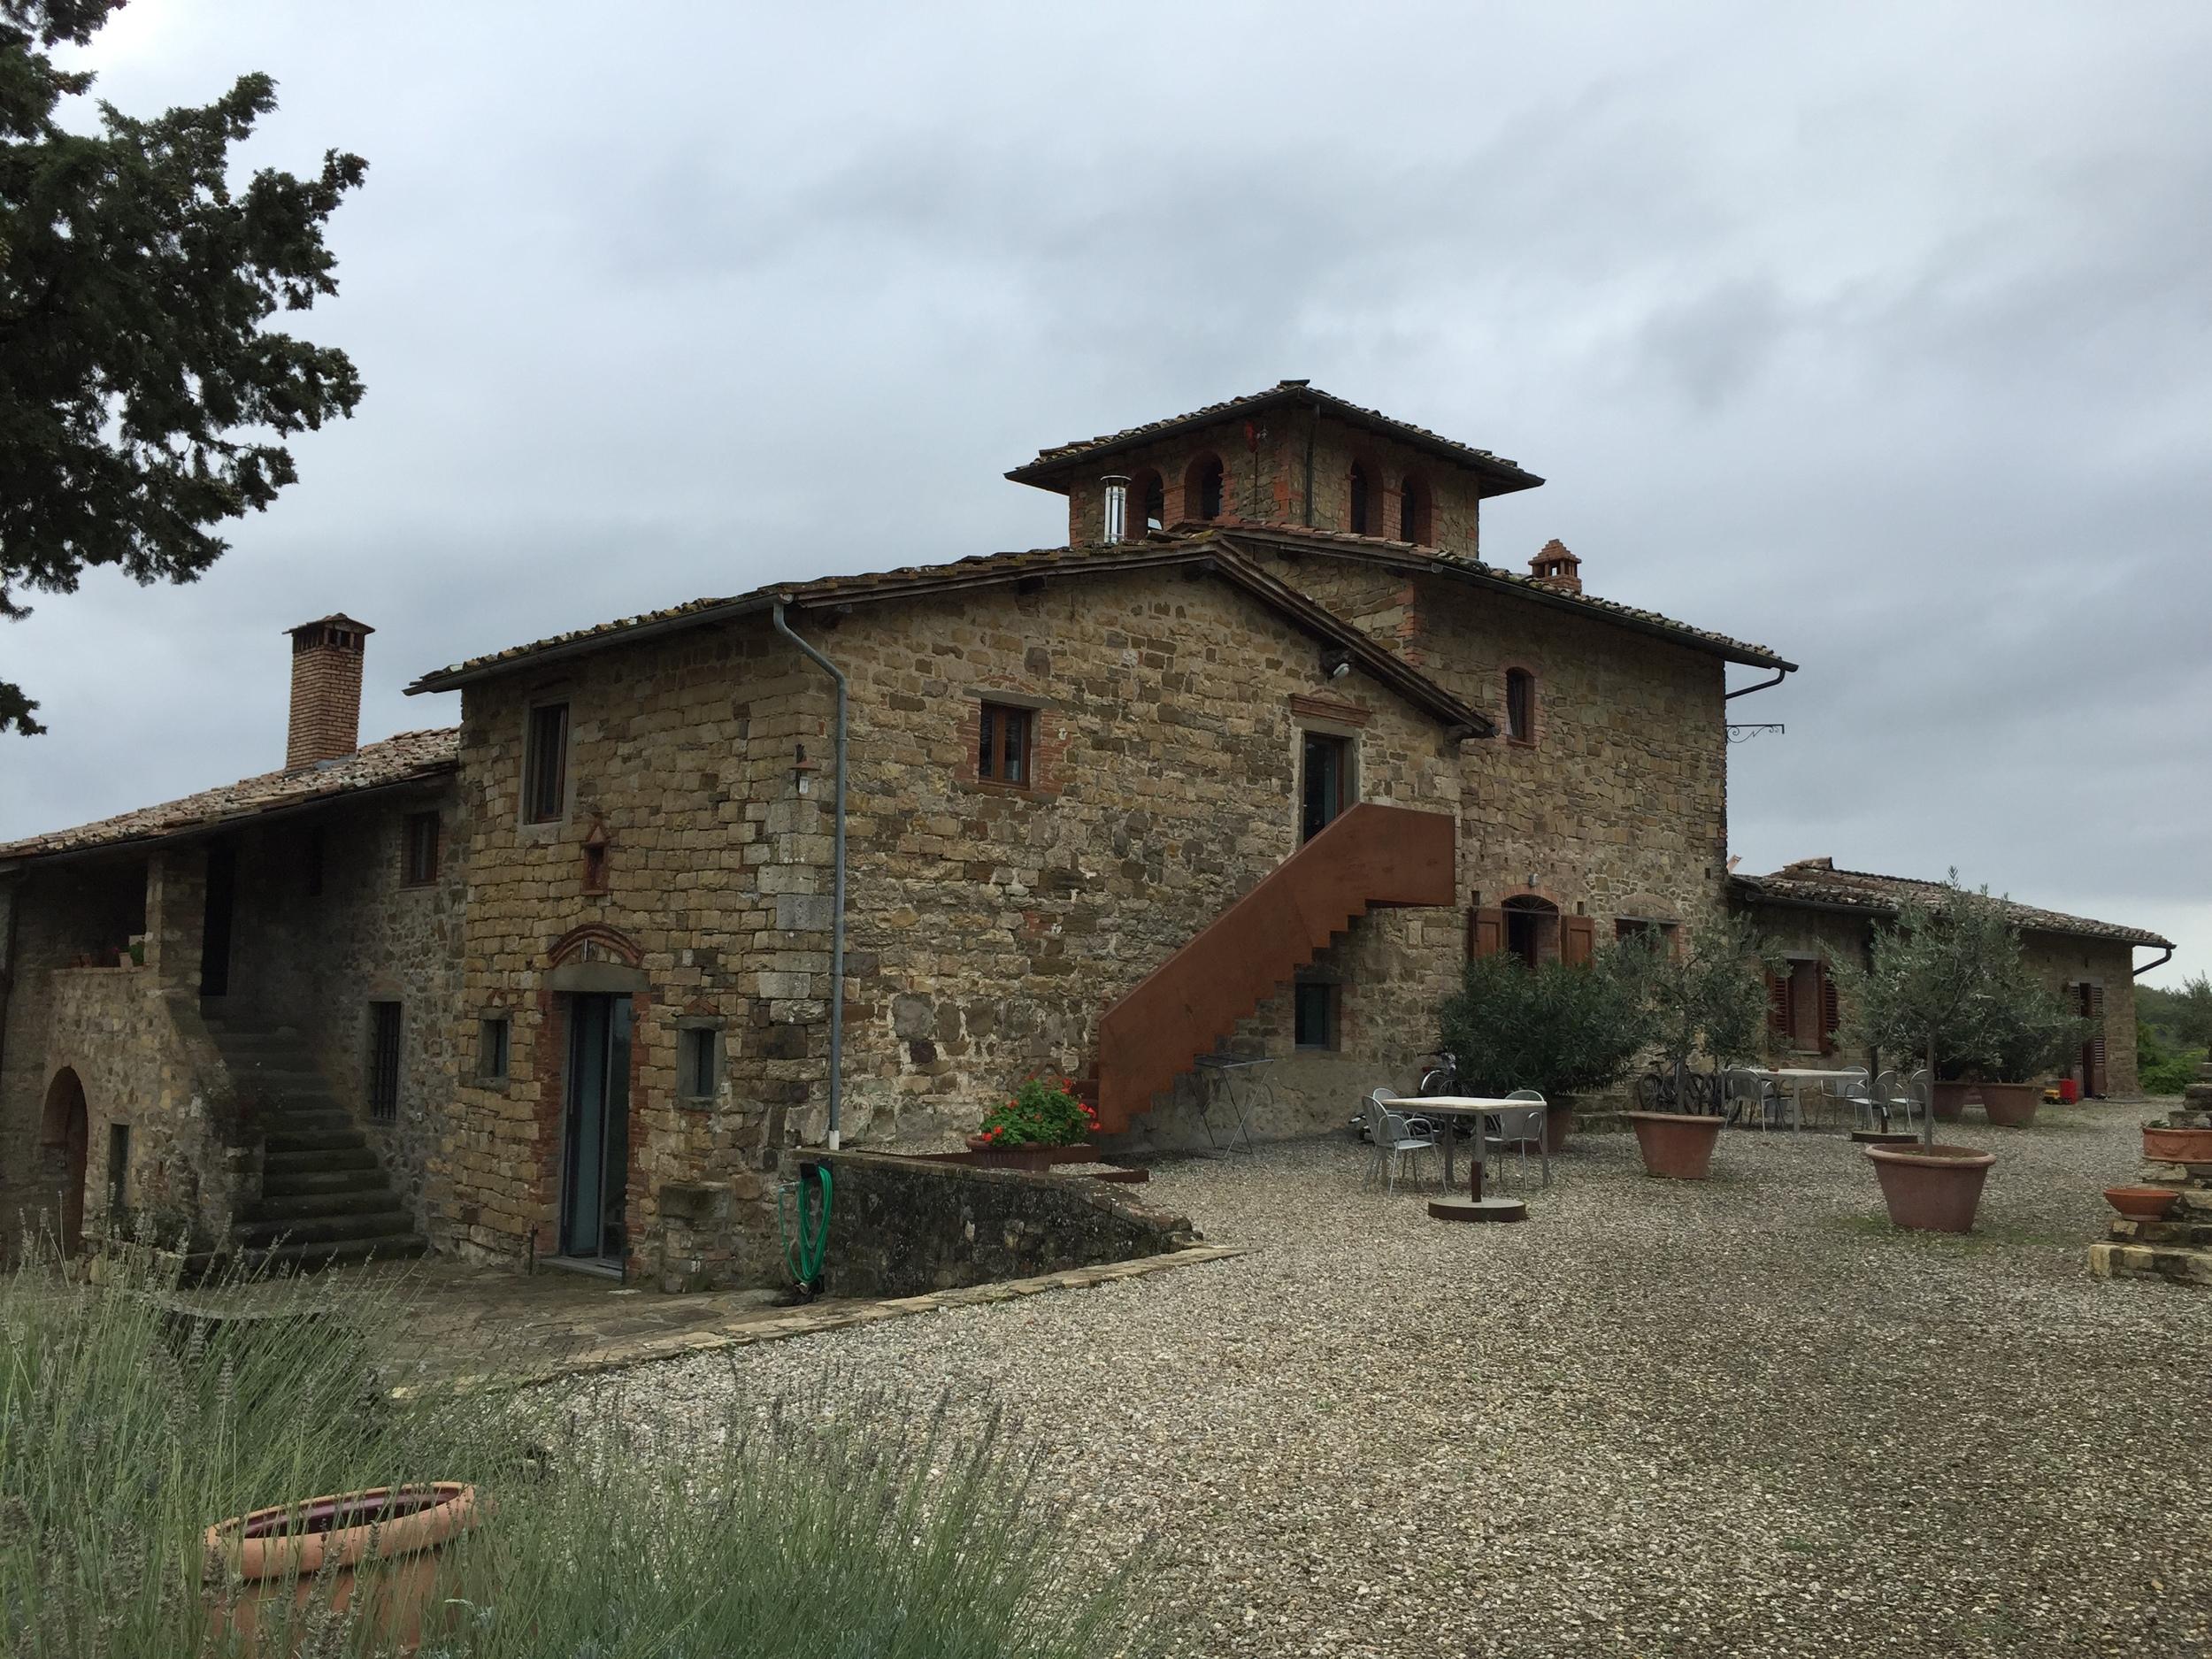 Los cinco apartamentos de vacaciones en Poggio al Sole comparten esta hermosa terraza al aire libre, piscina y área para jugar  Bocce . Foto: Raymond Cuevas